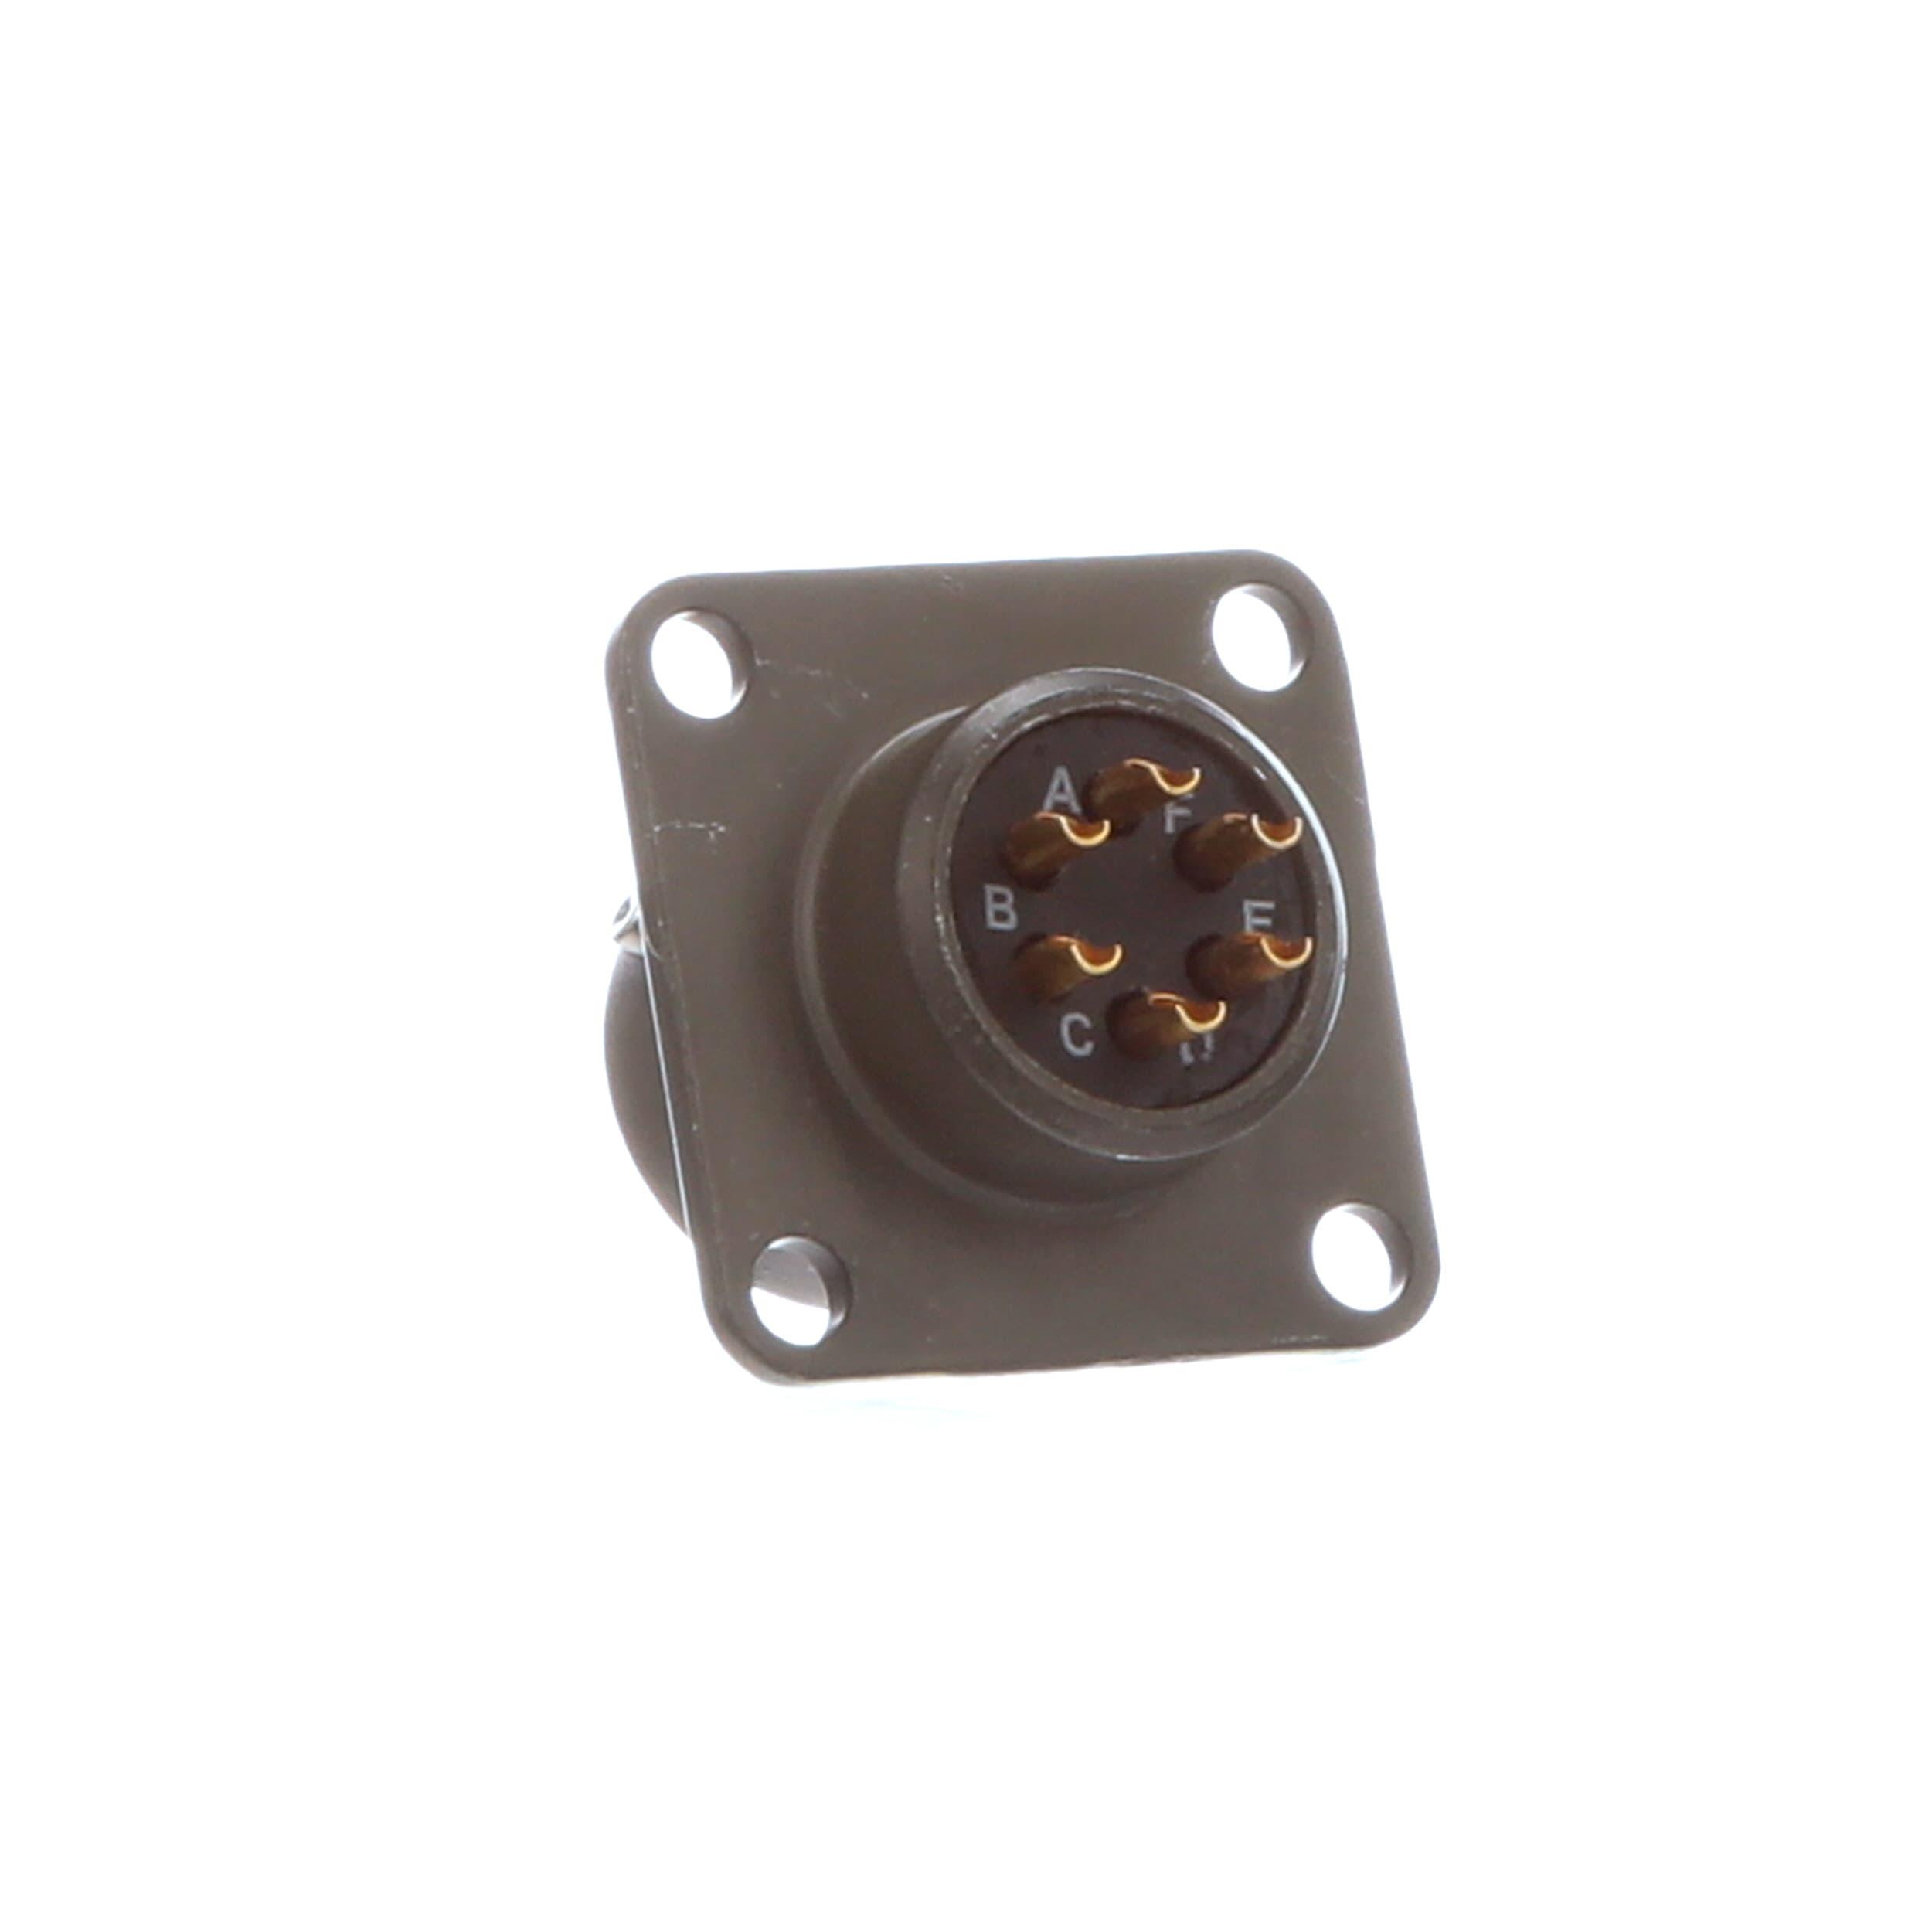 EPCOS B72240L151K100 VARISTOR 37.5mm DISC 10 pieces 395V